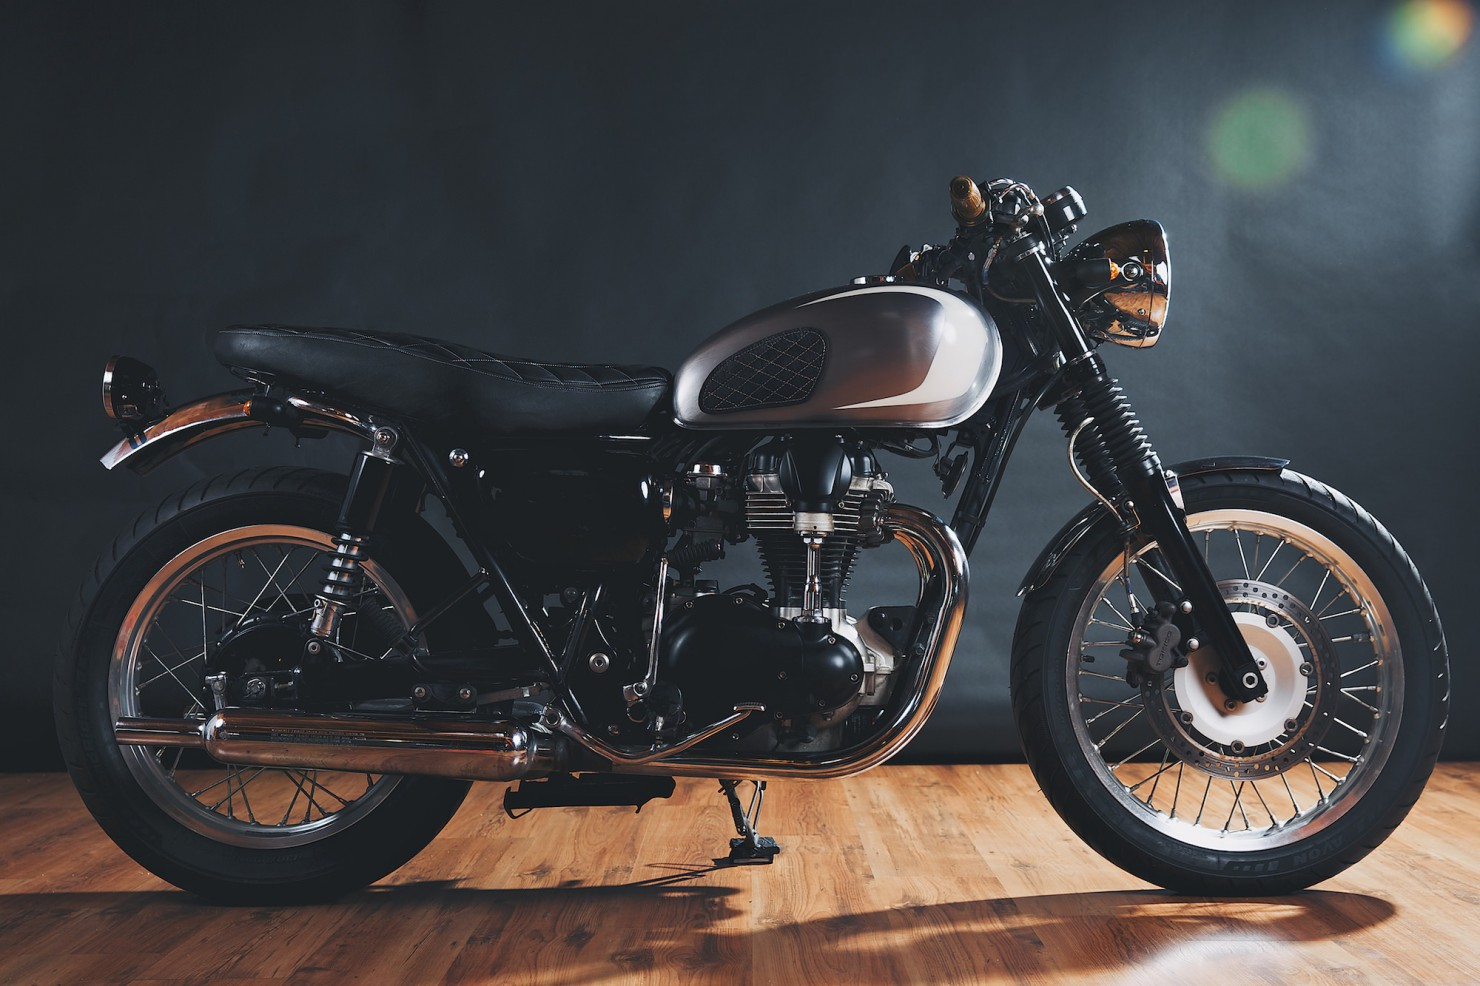 Kawasaki_W650_Motorcycle_7